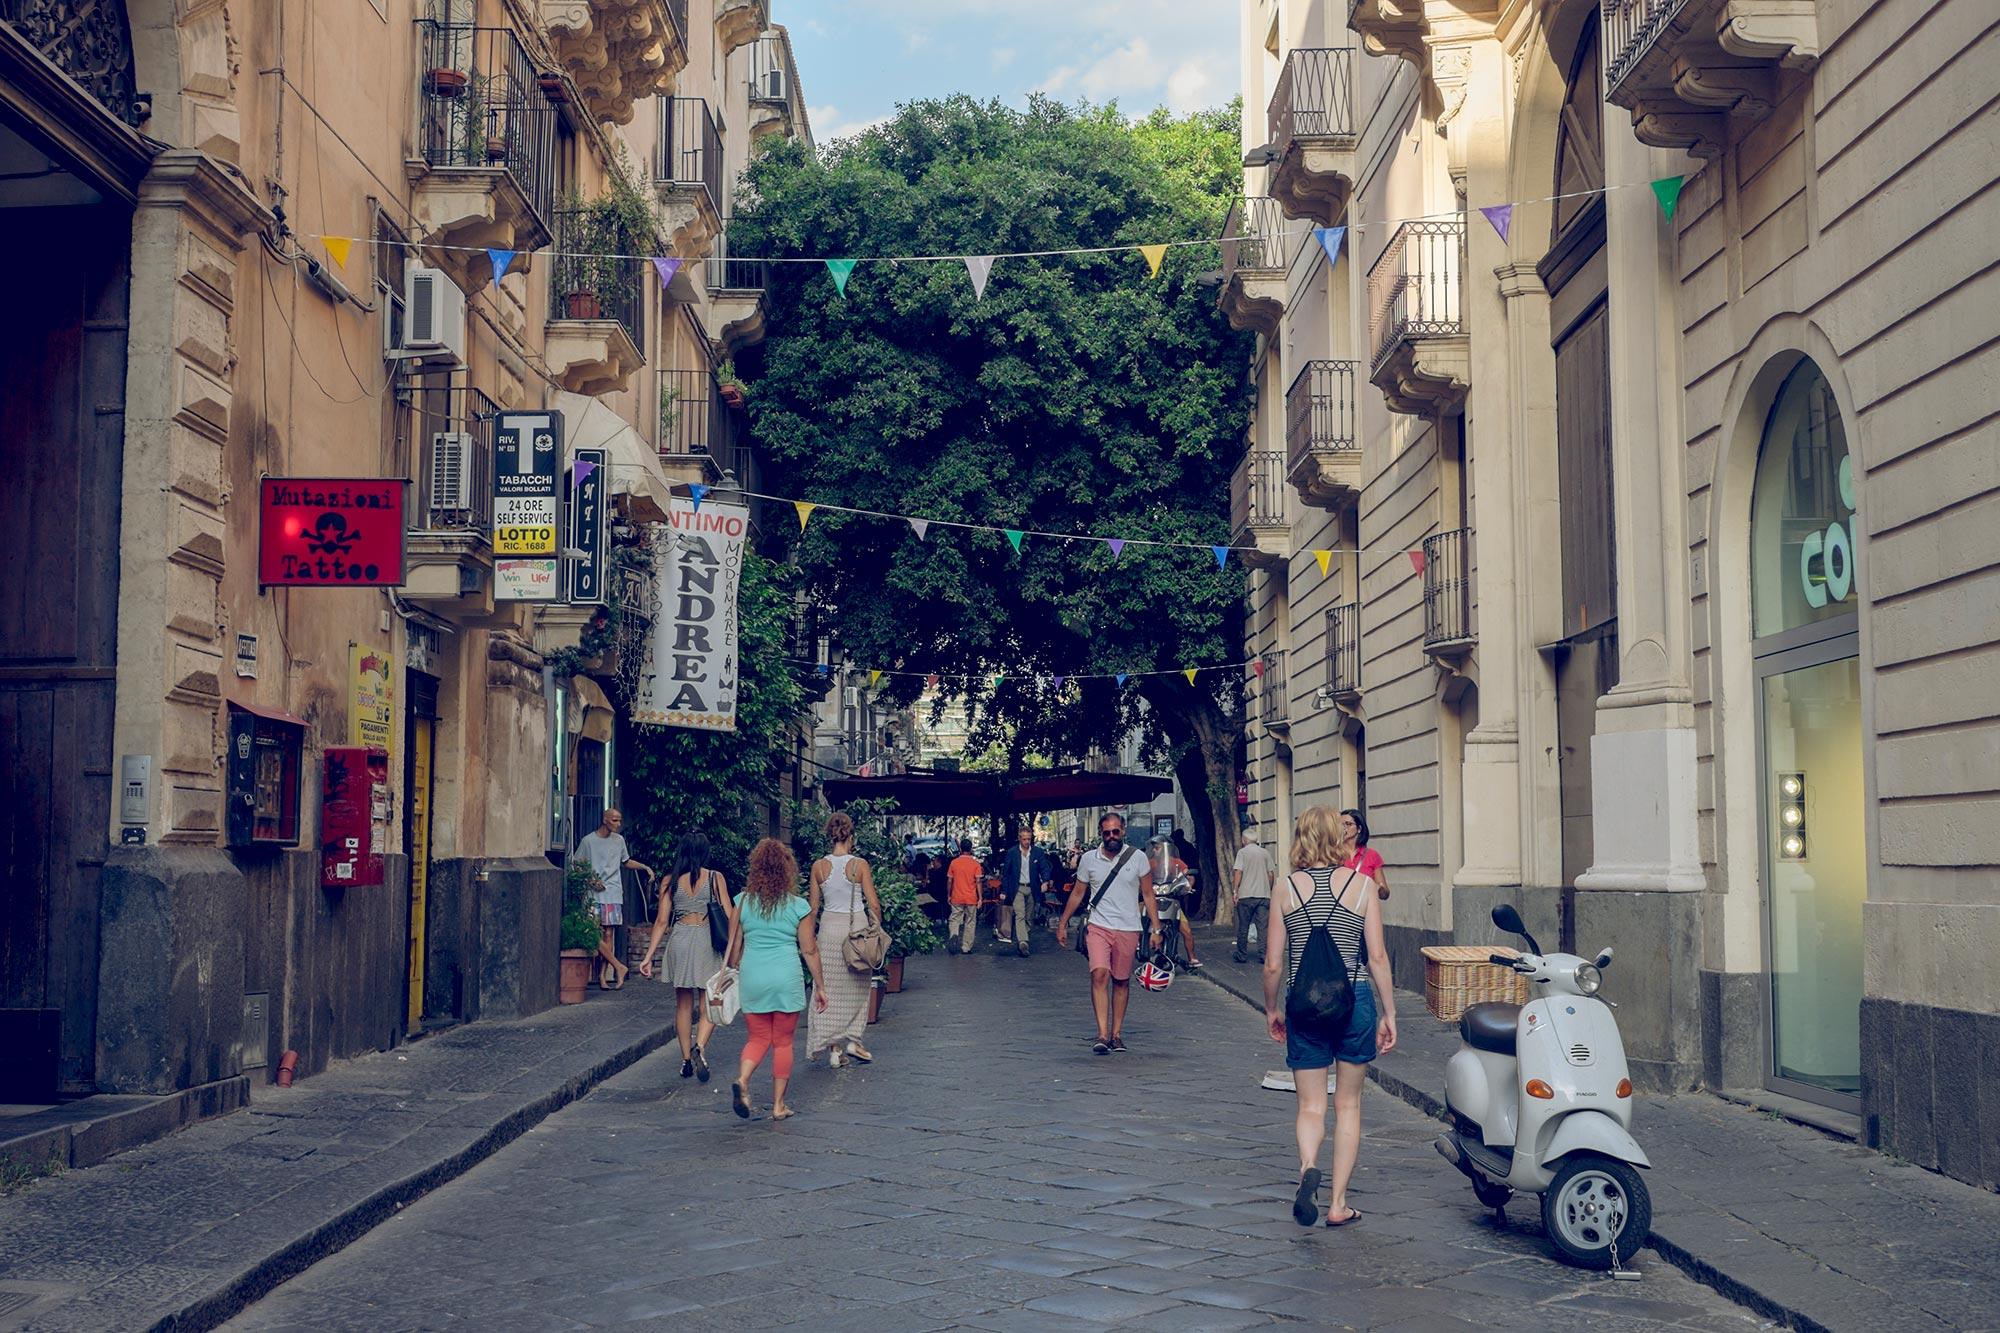 italy-sicilia-catania-street-tree-restaurant